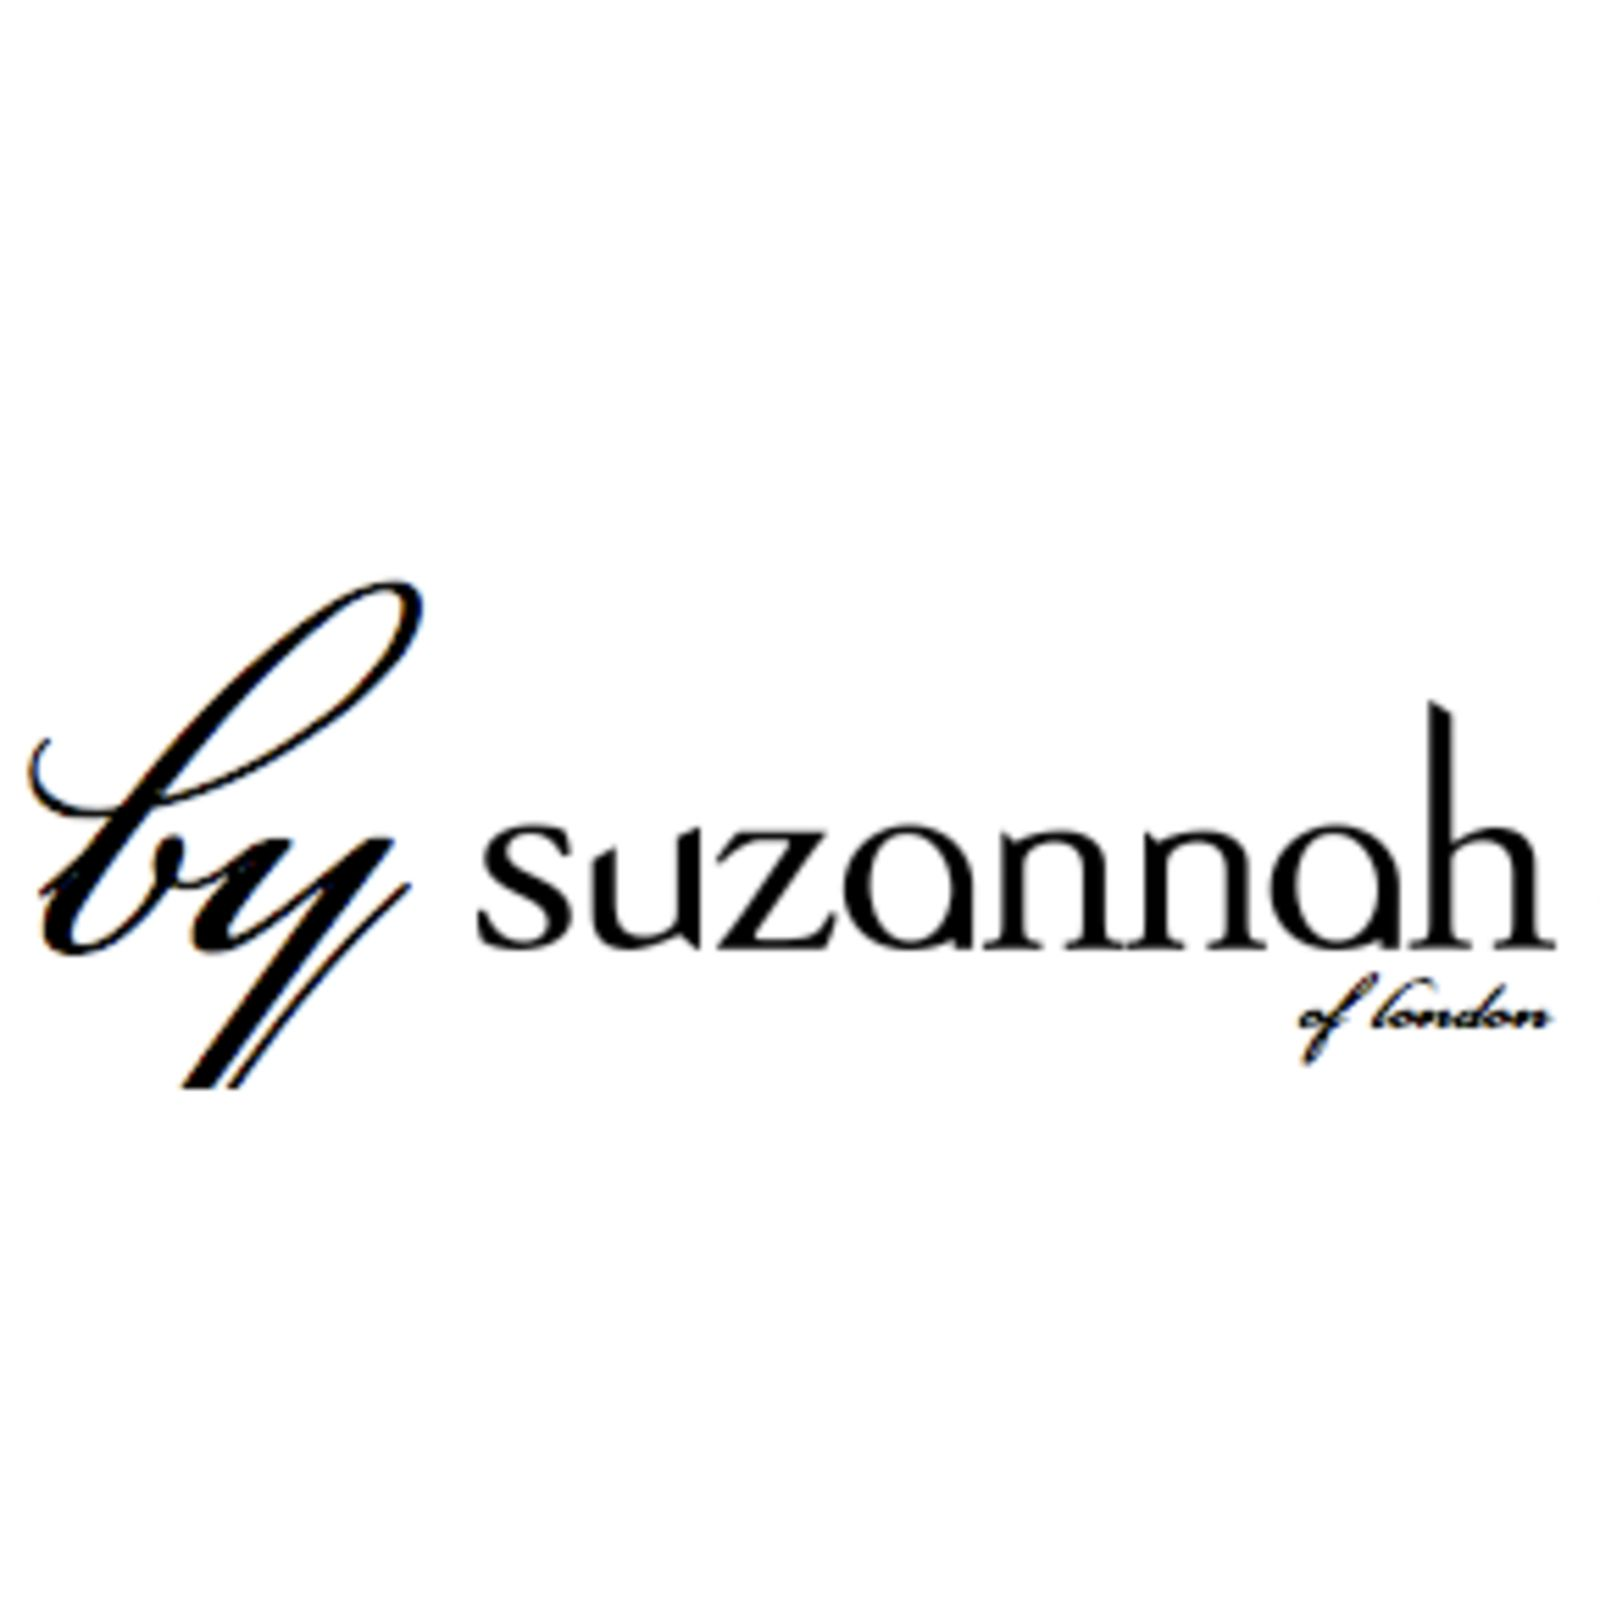 SUZANNAH